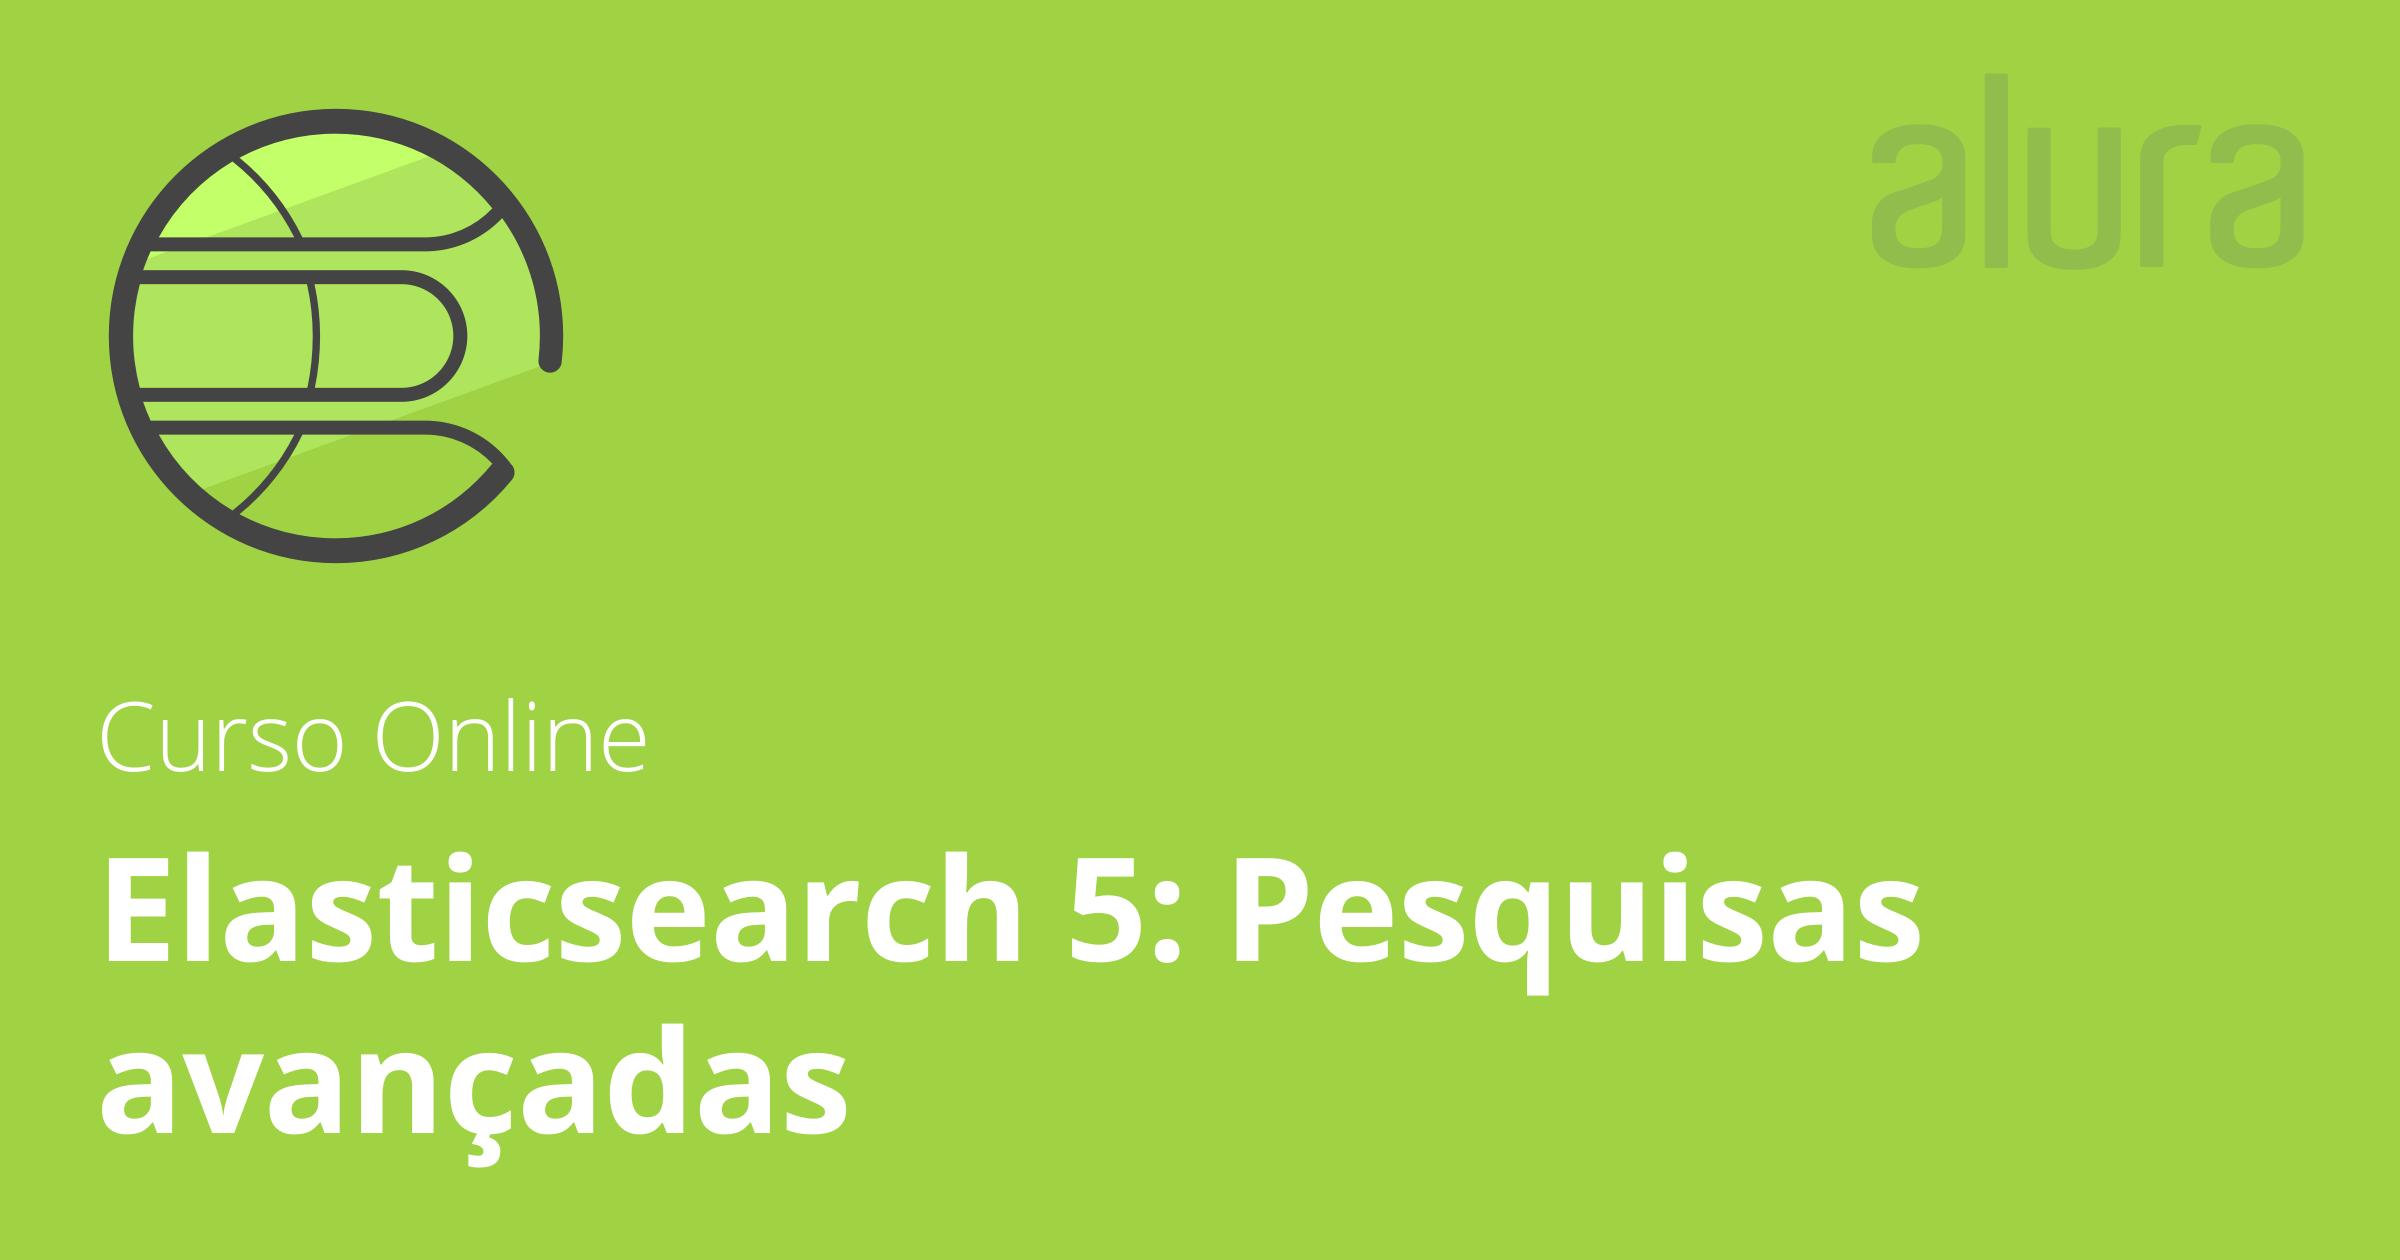 Aula do curso Elasticsearch 5: Pesquisas avançadas